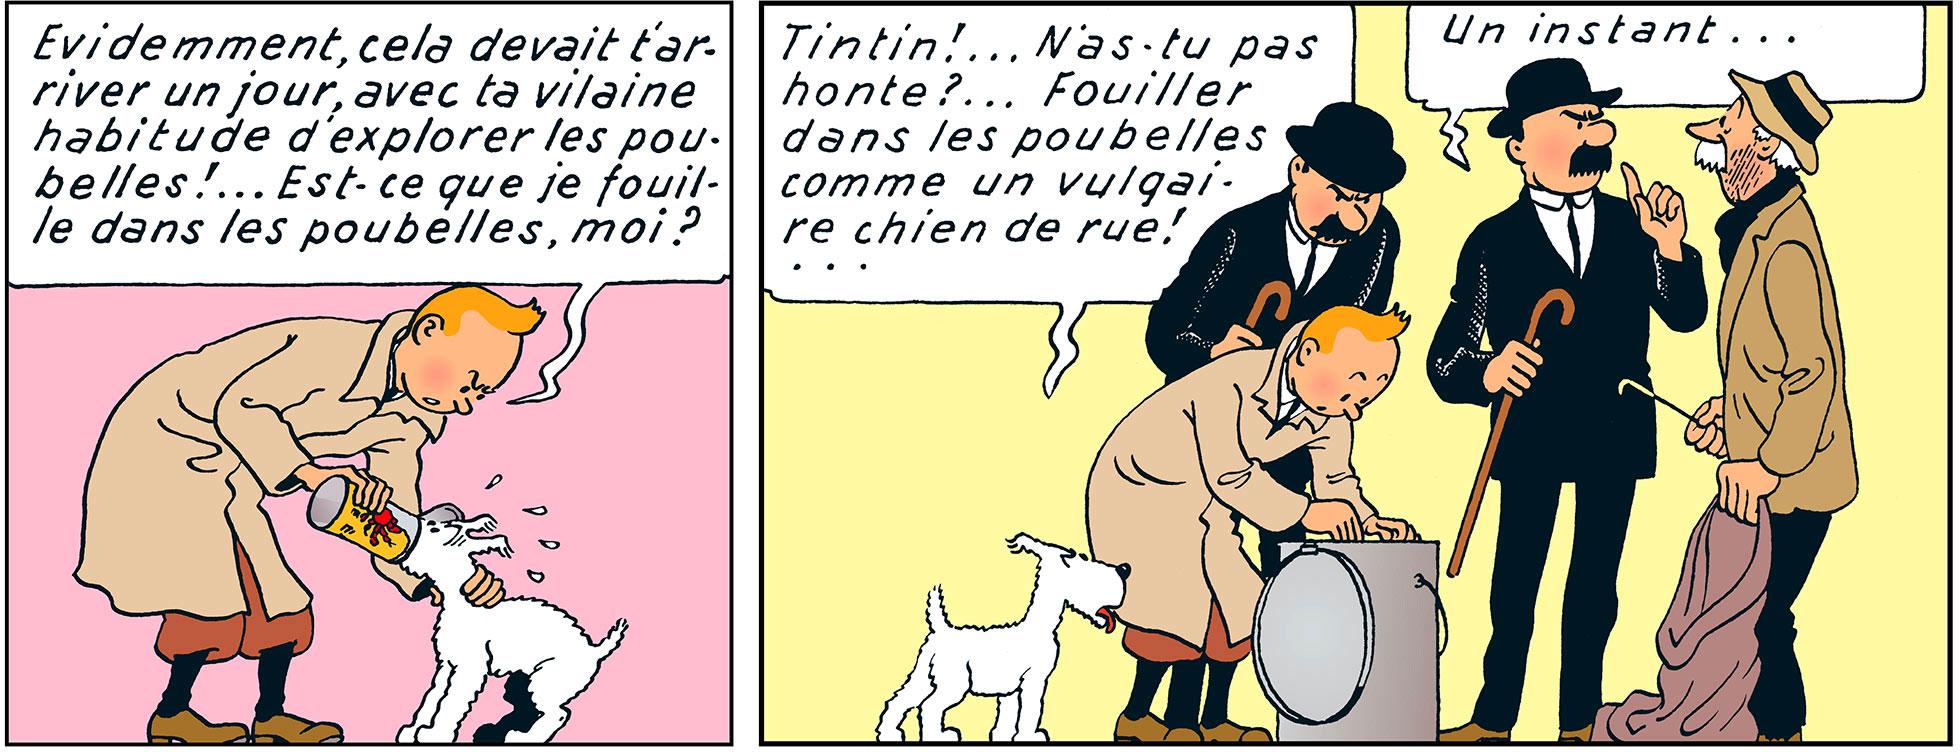 Tintin retire la boite de crabe du museau de Milou dans le crabe aux pinces d'or